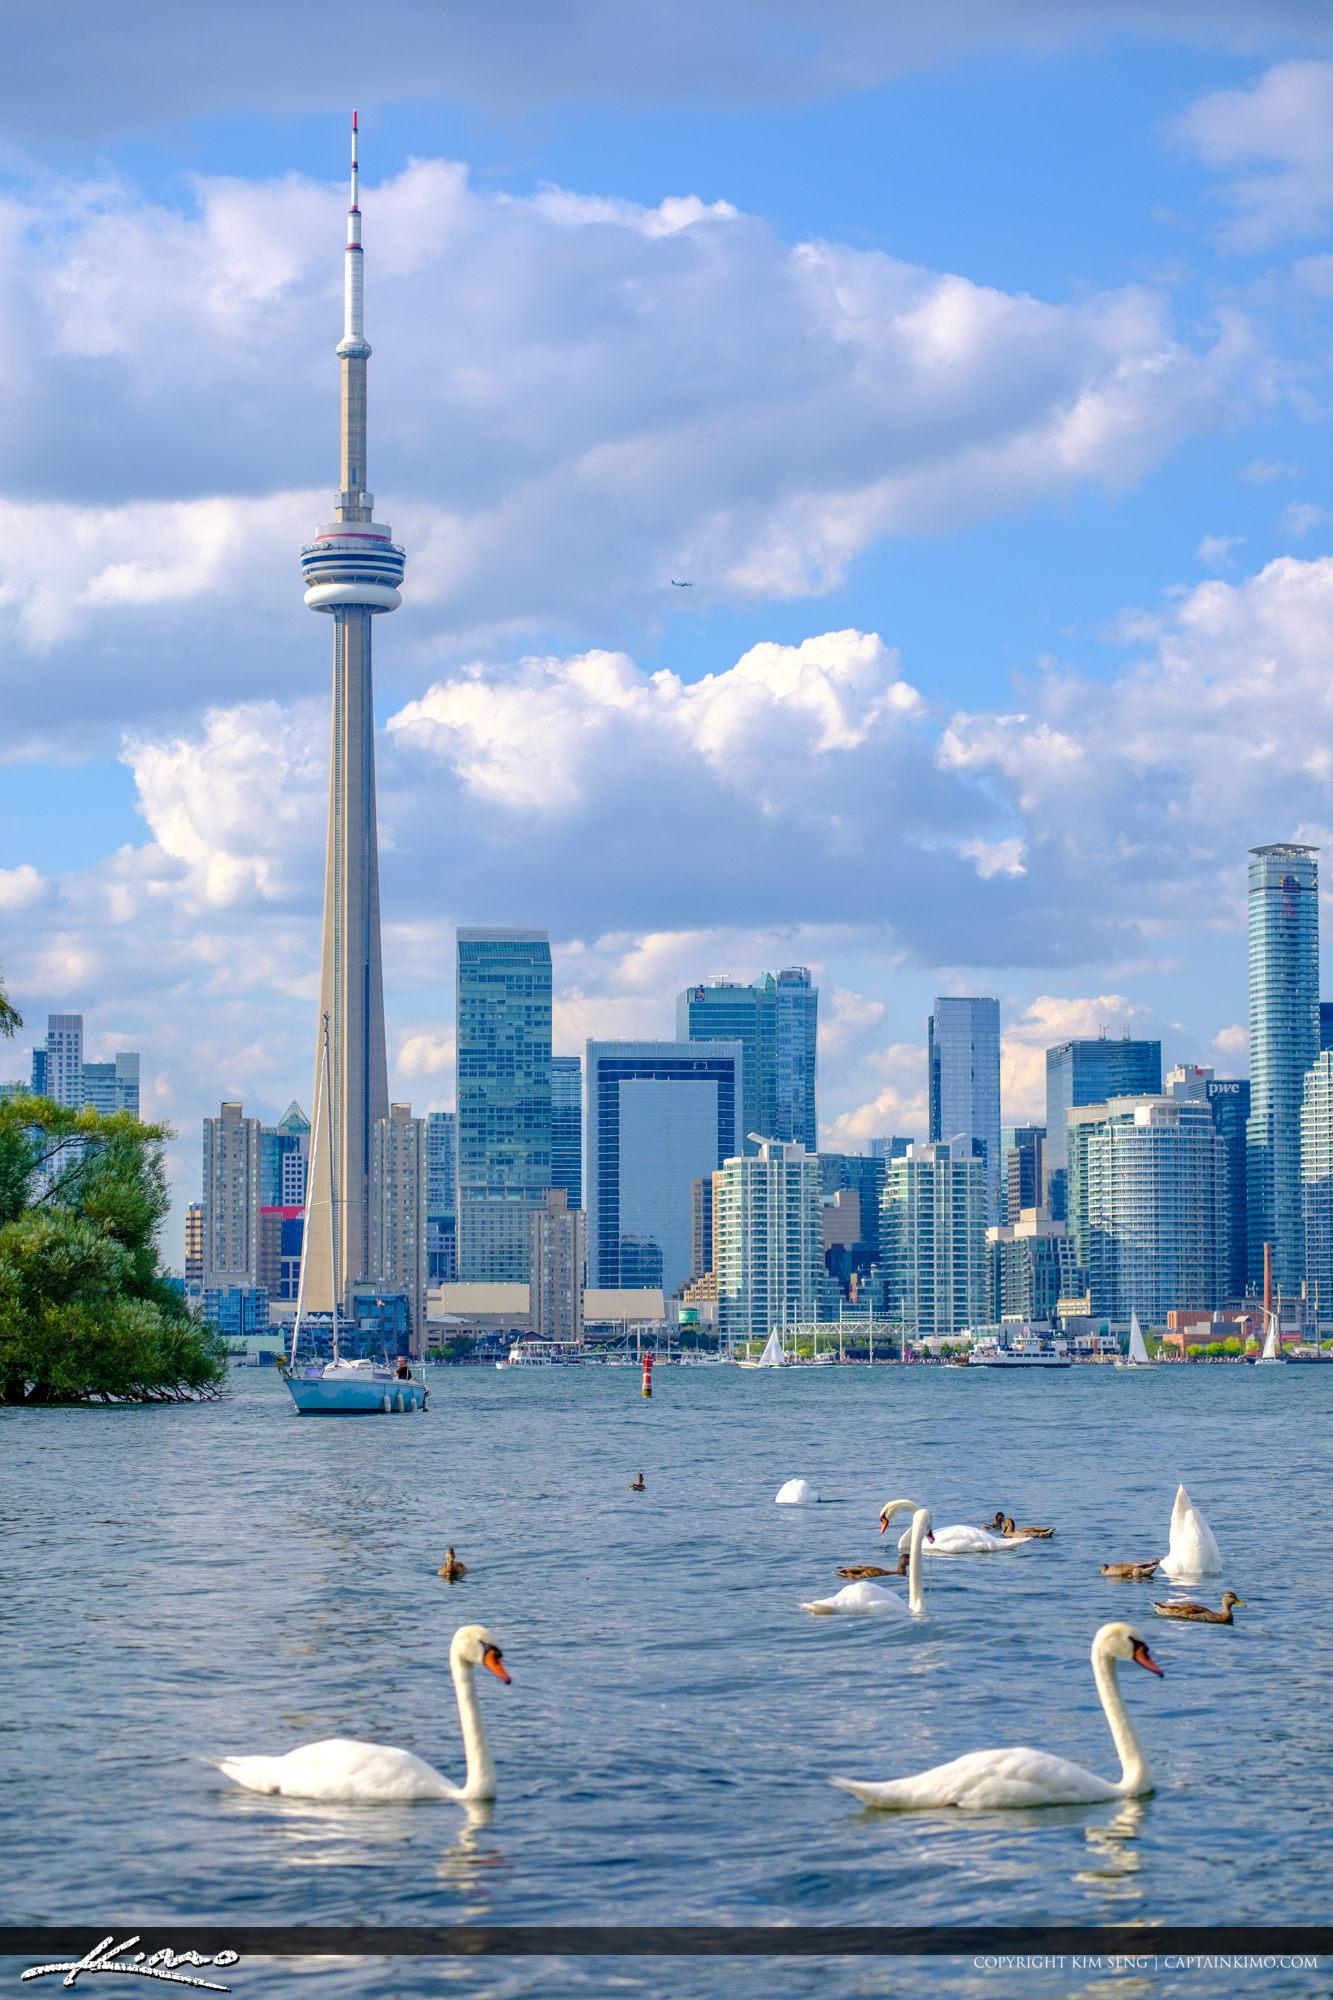 White Swam CN Tower Skyline Centre Island Toronto Ontario Canada